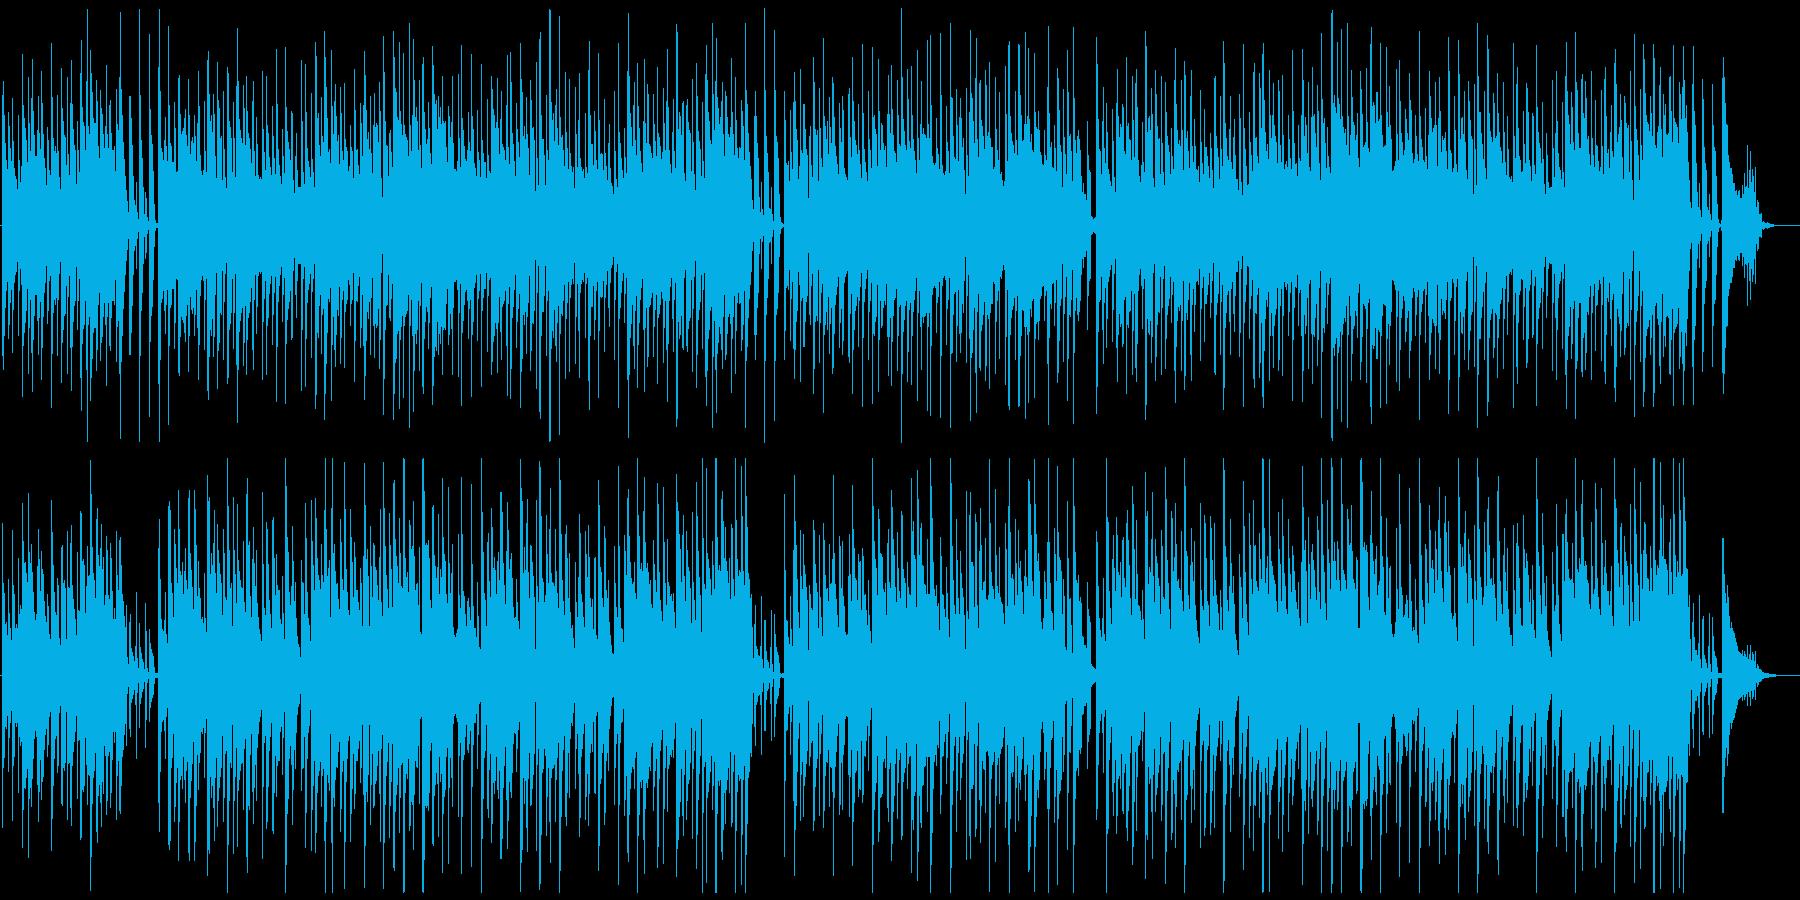 のんびり穏やかなハワイアンBGM♪の再生済みの波形